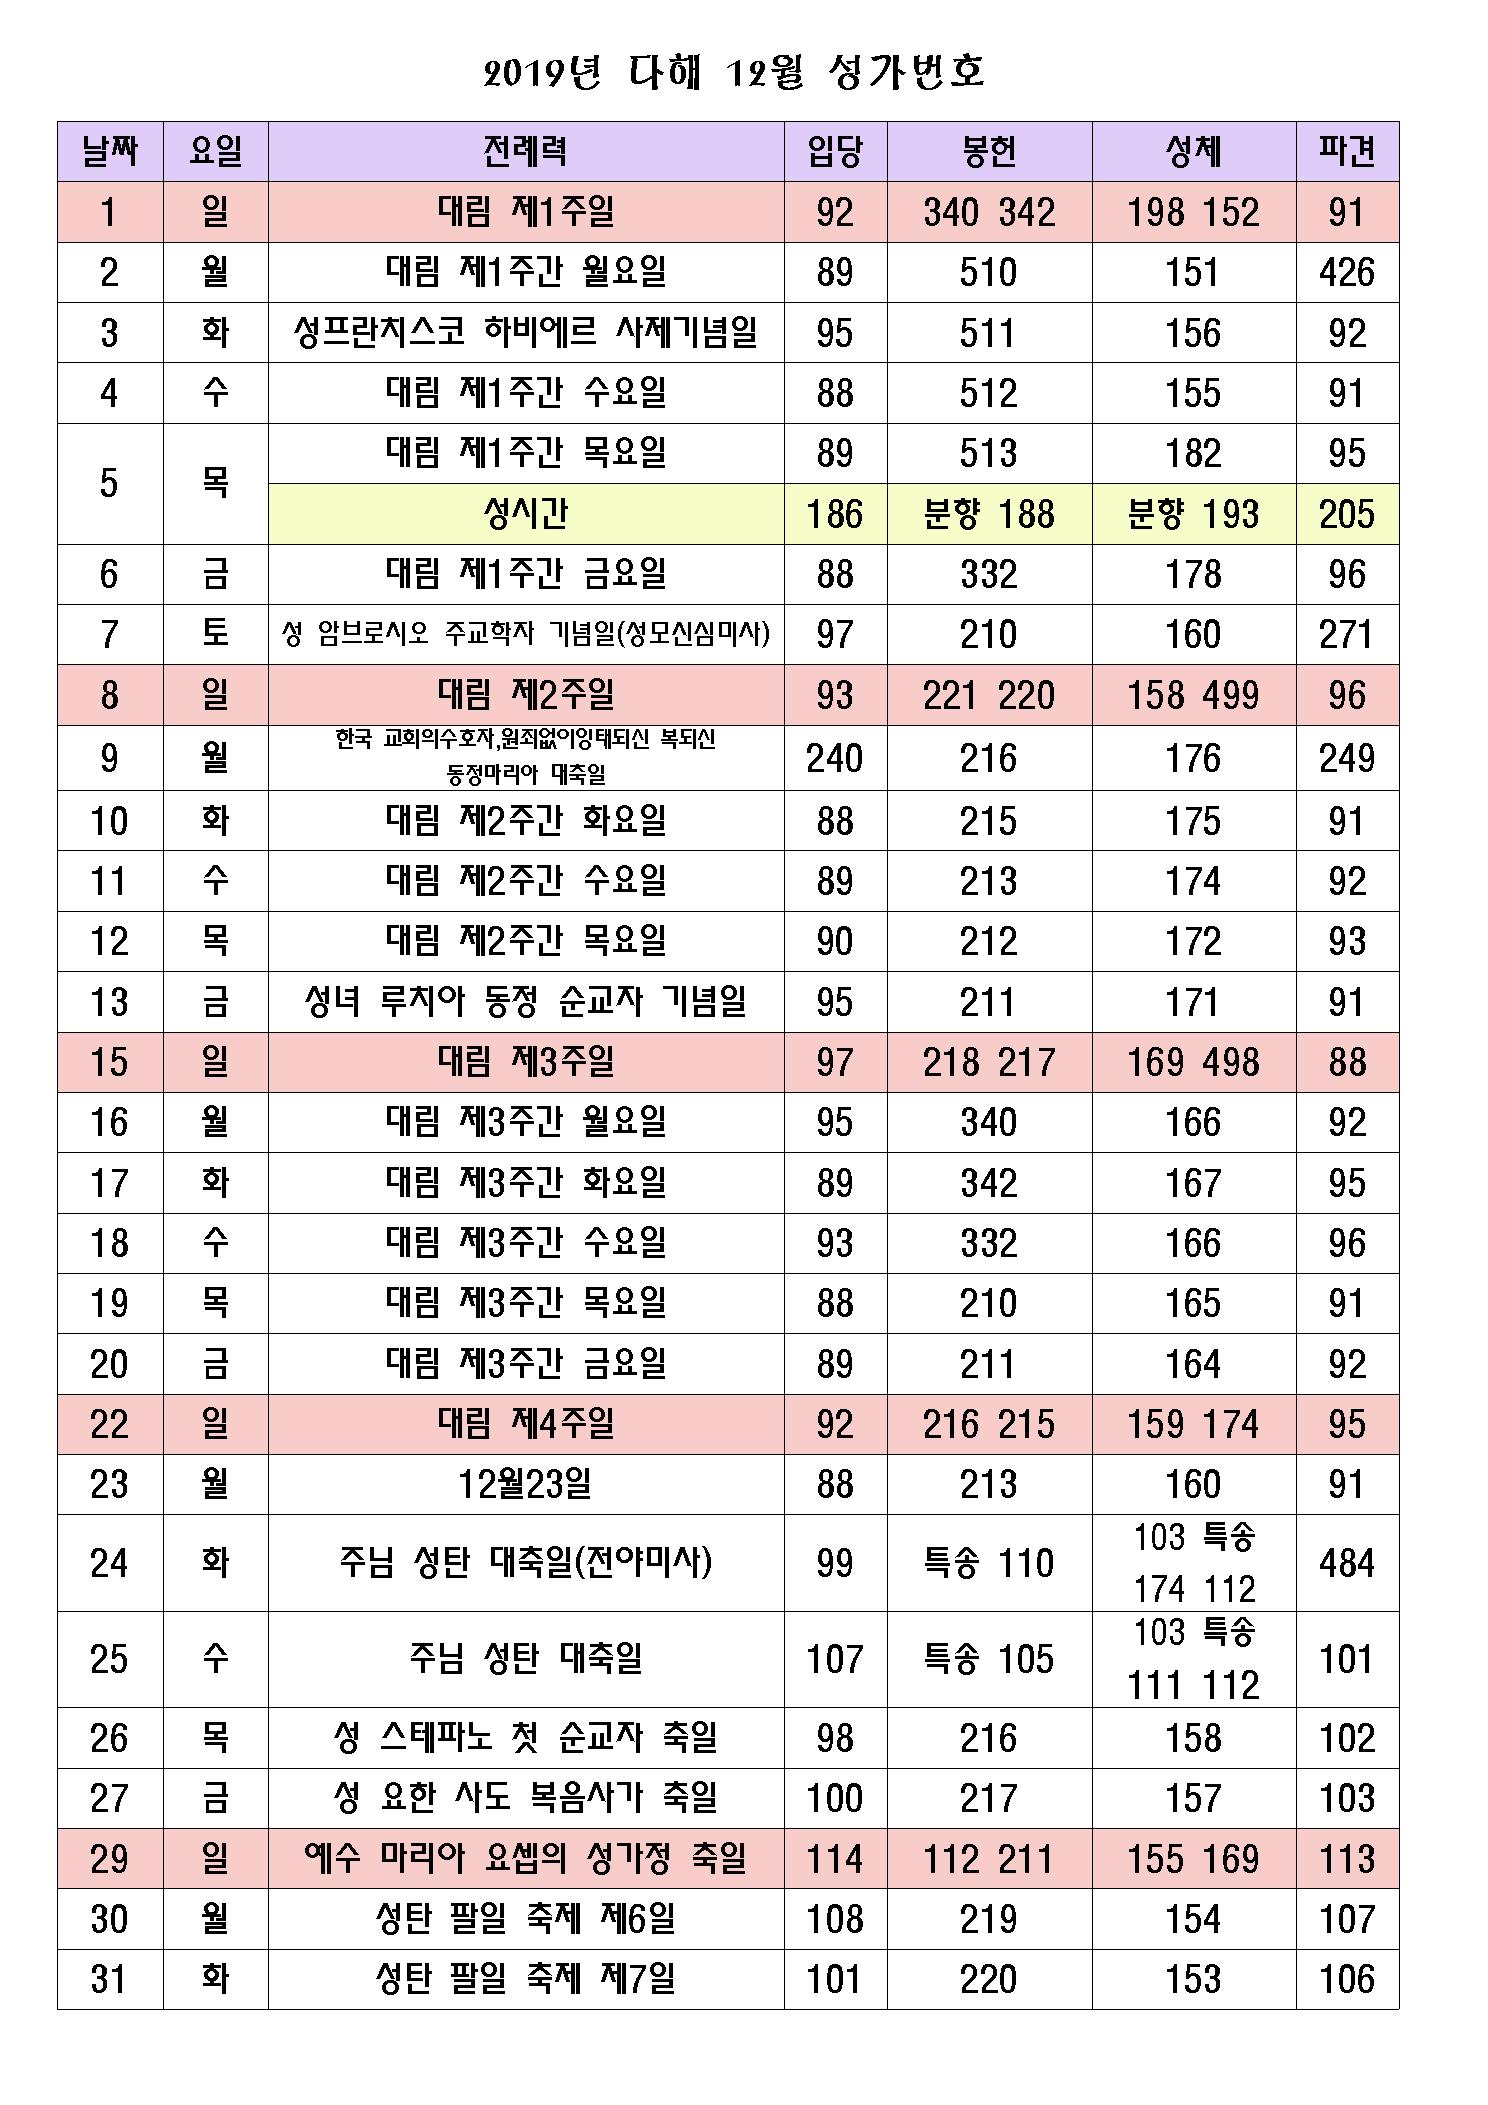 12월성가번호.png